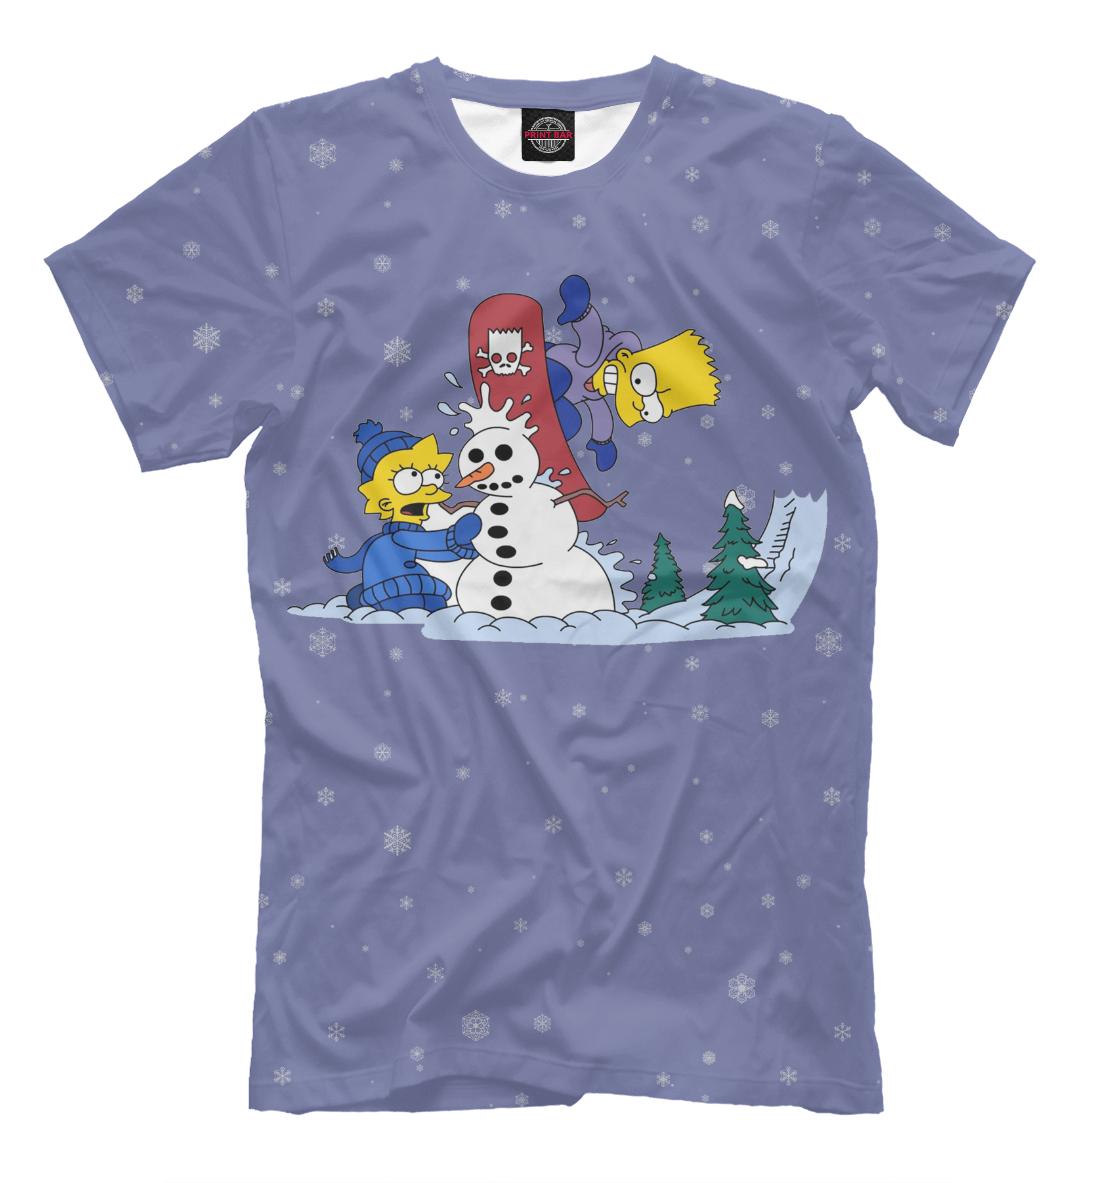 Купить Лиза и Барт Зимой, Printbar, Футболки, NOV-457537-fut-2